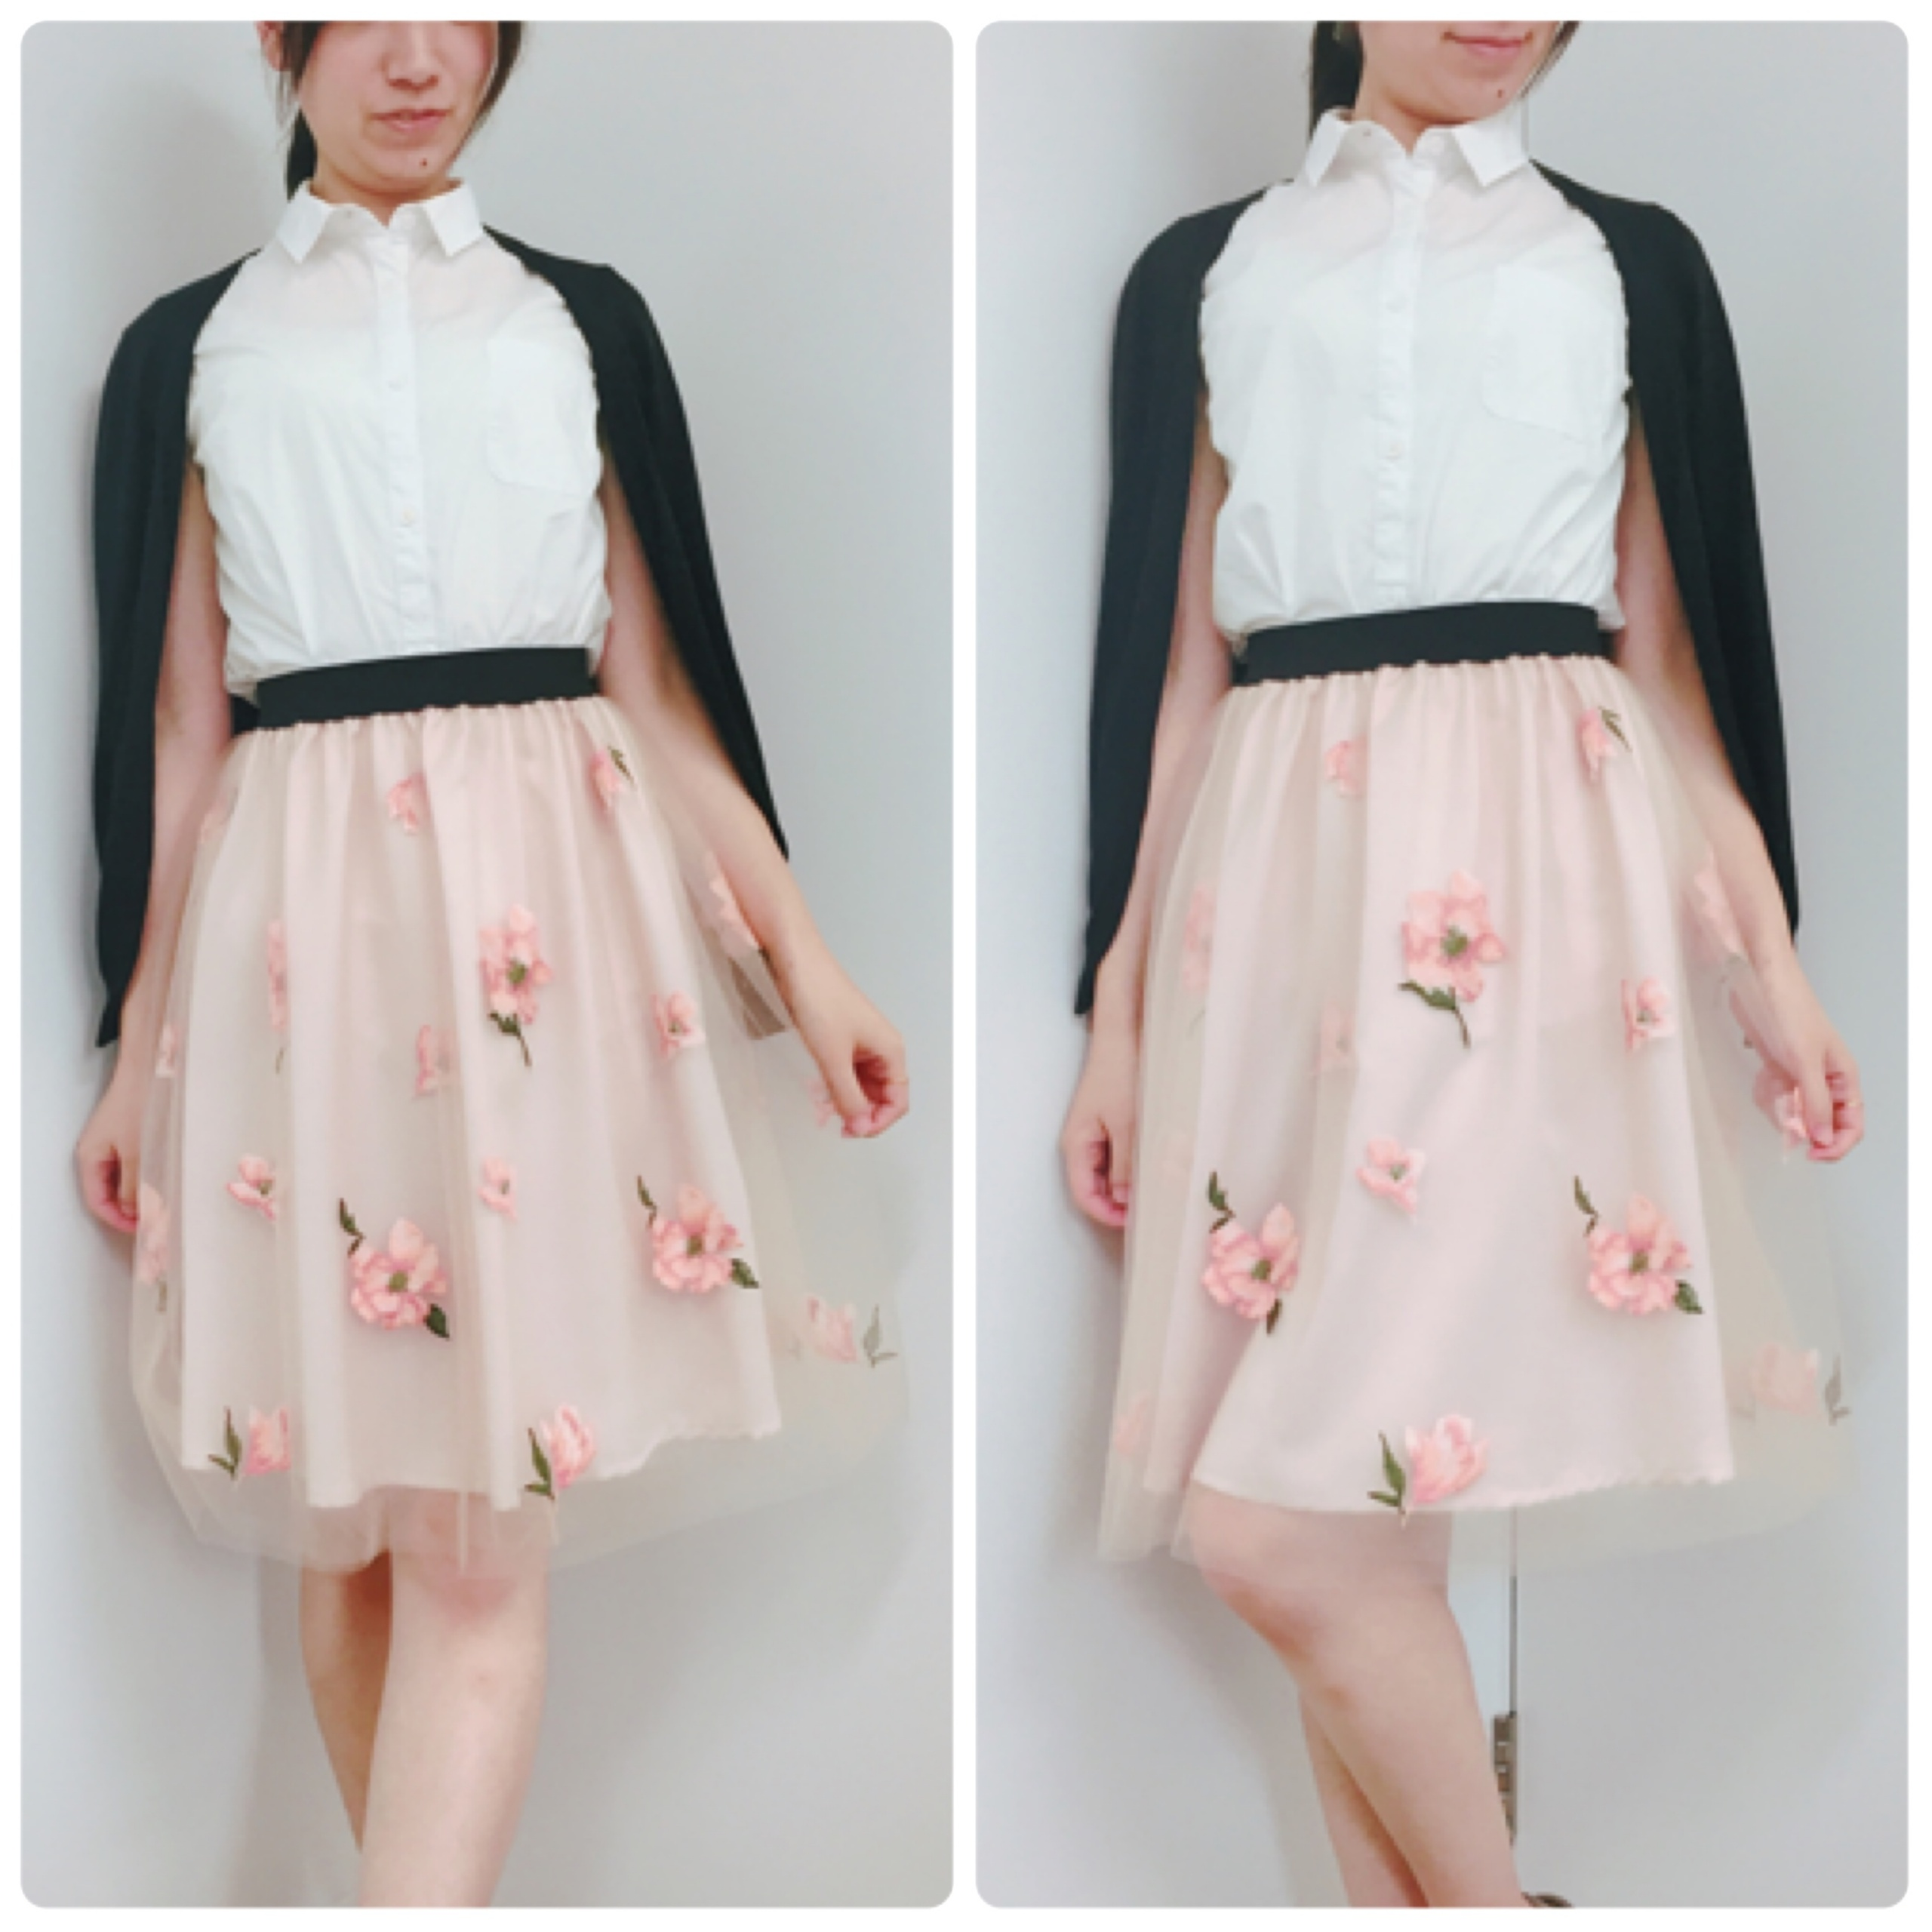 【31 Sons de mode/セール】たまにはフェミニンに♡刺繍入りチュールスカートが『70%』で驚きのプチプライスでした!_3